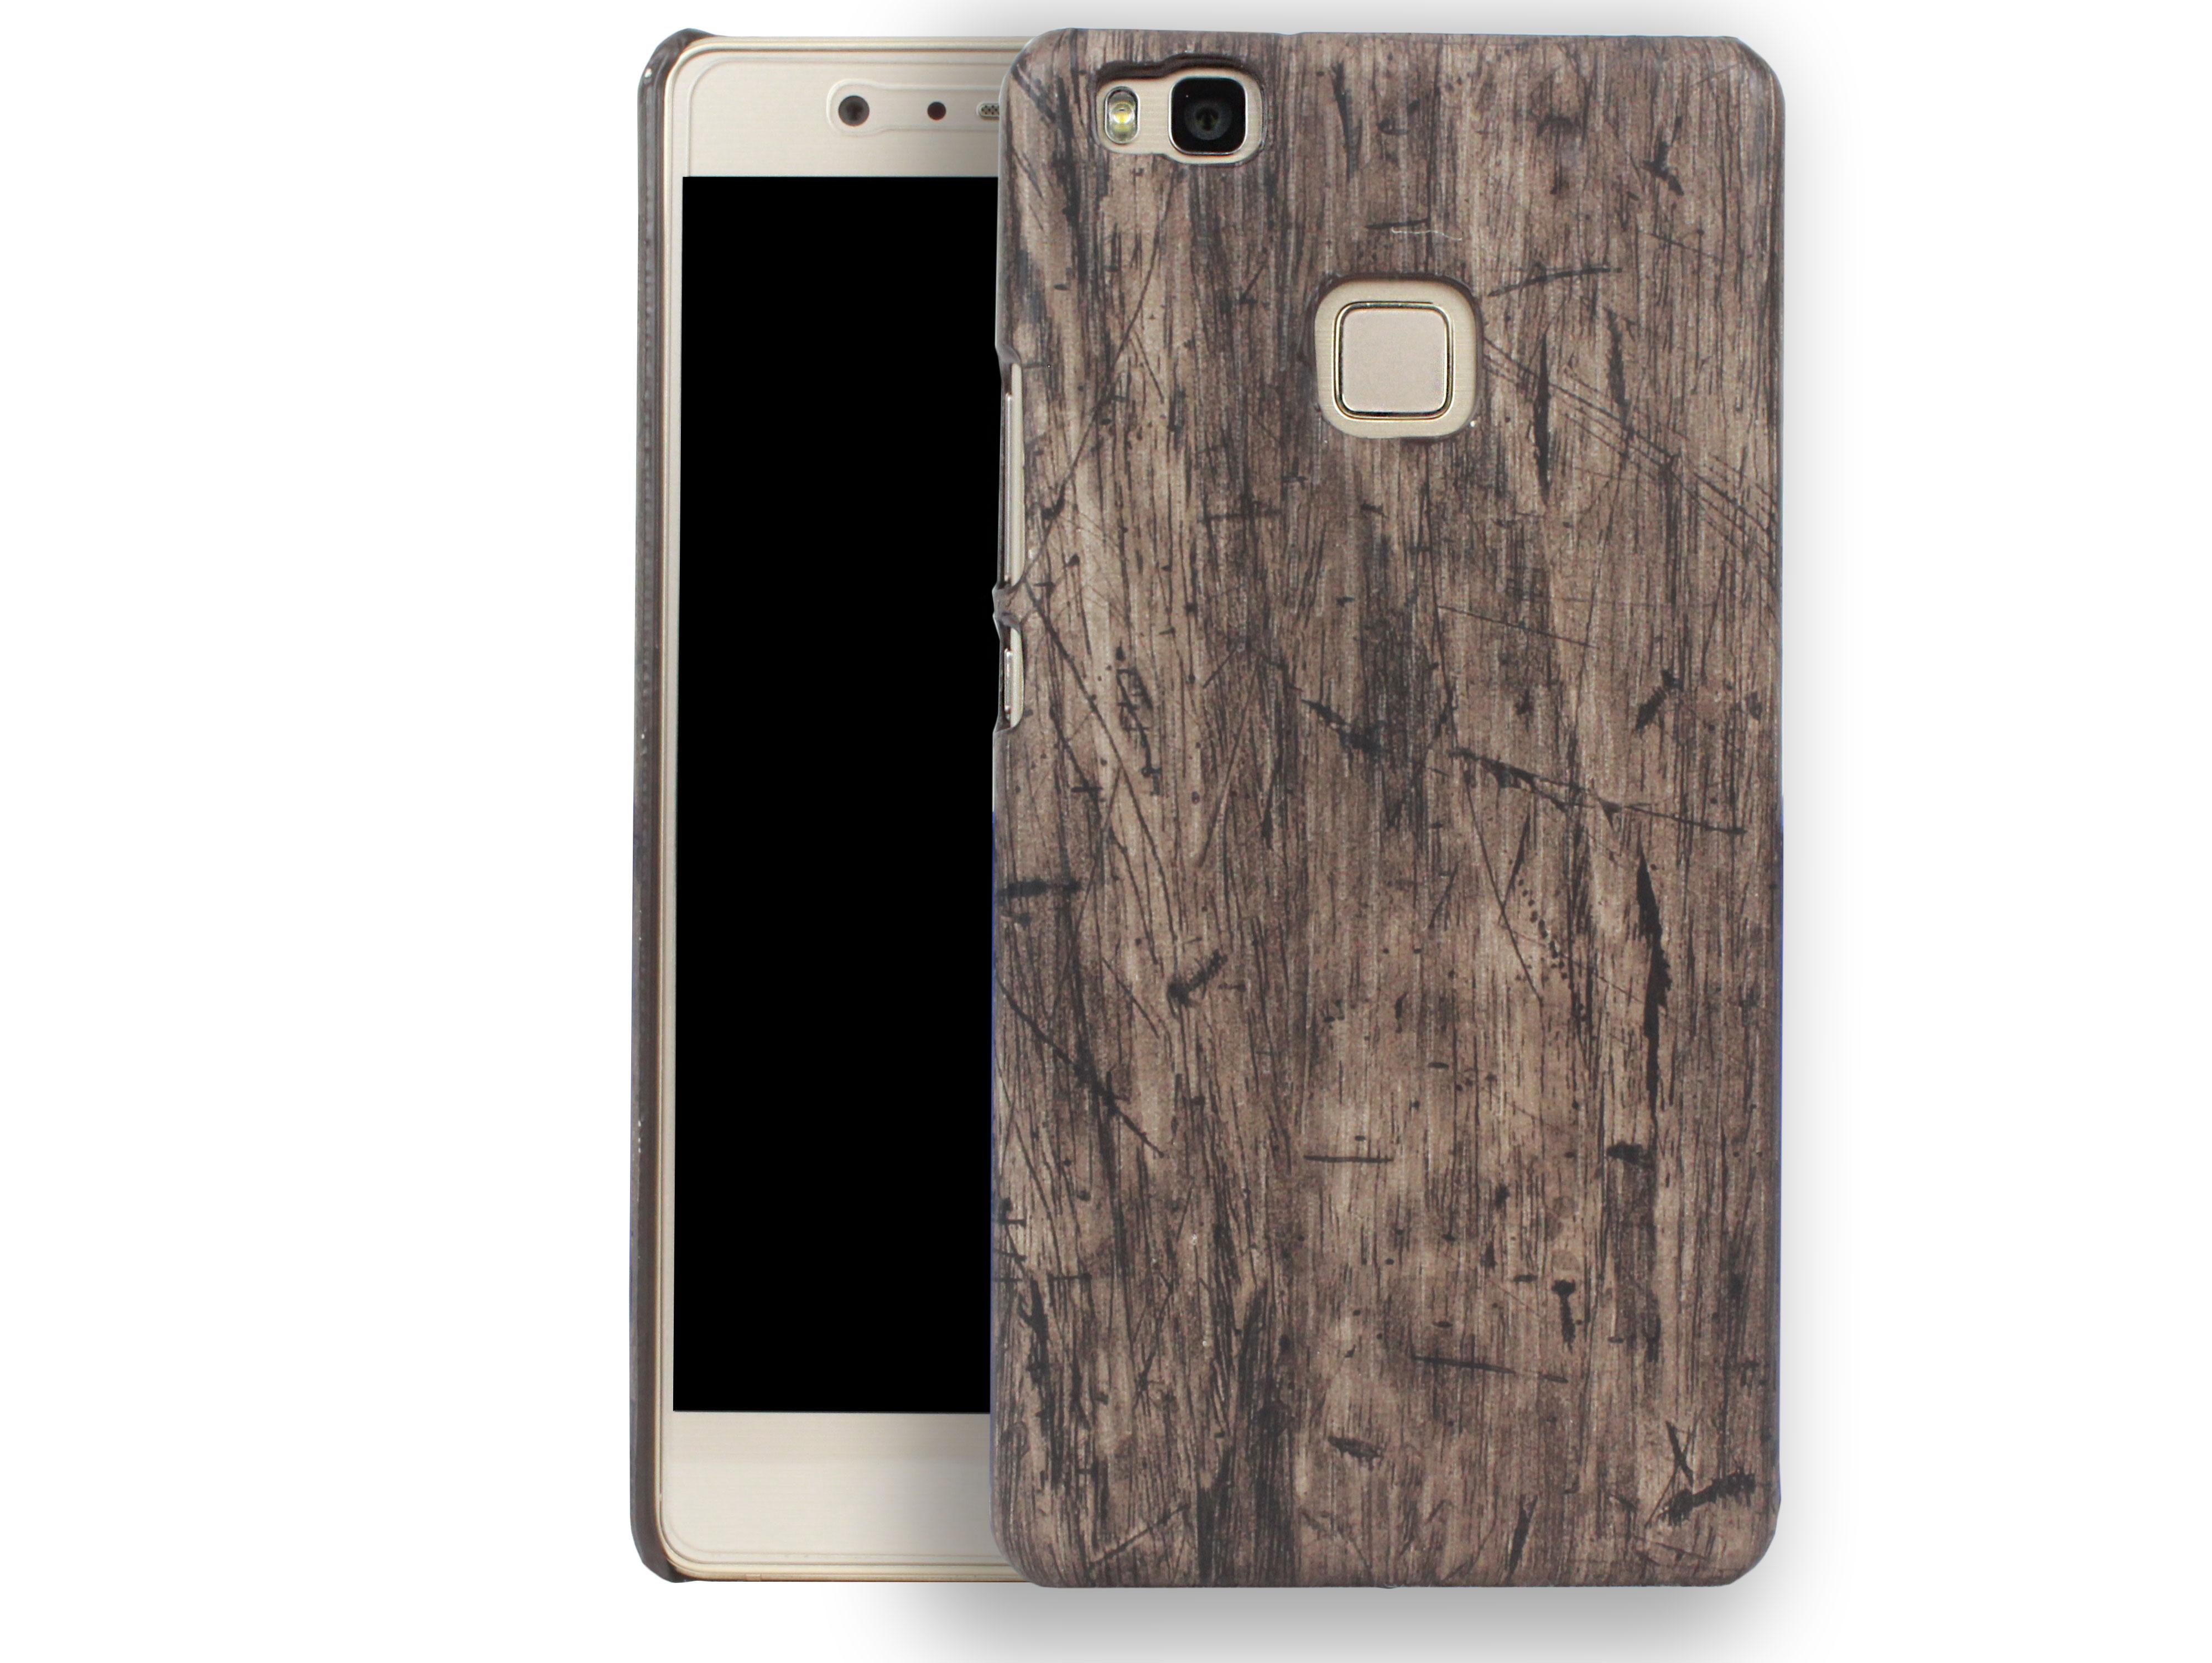 Kasseri Huawei P9 Lite Cover i træ look